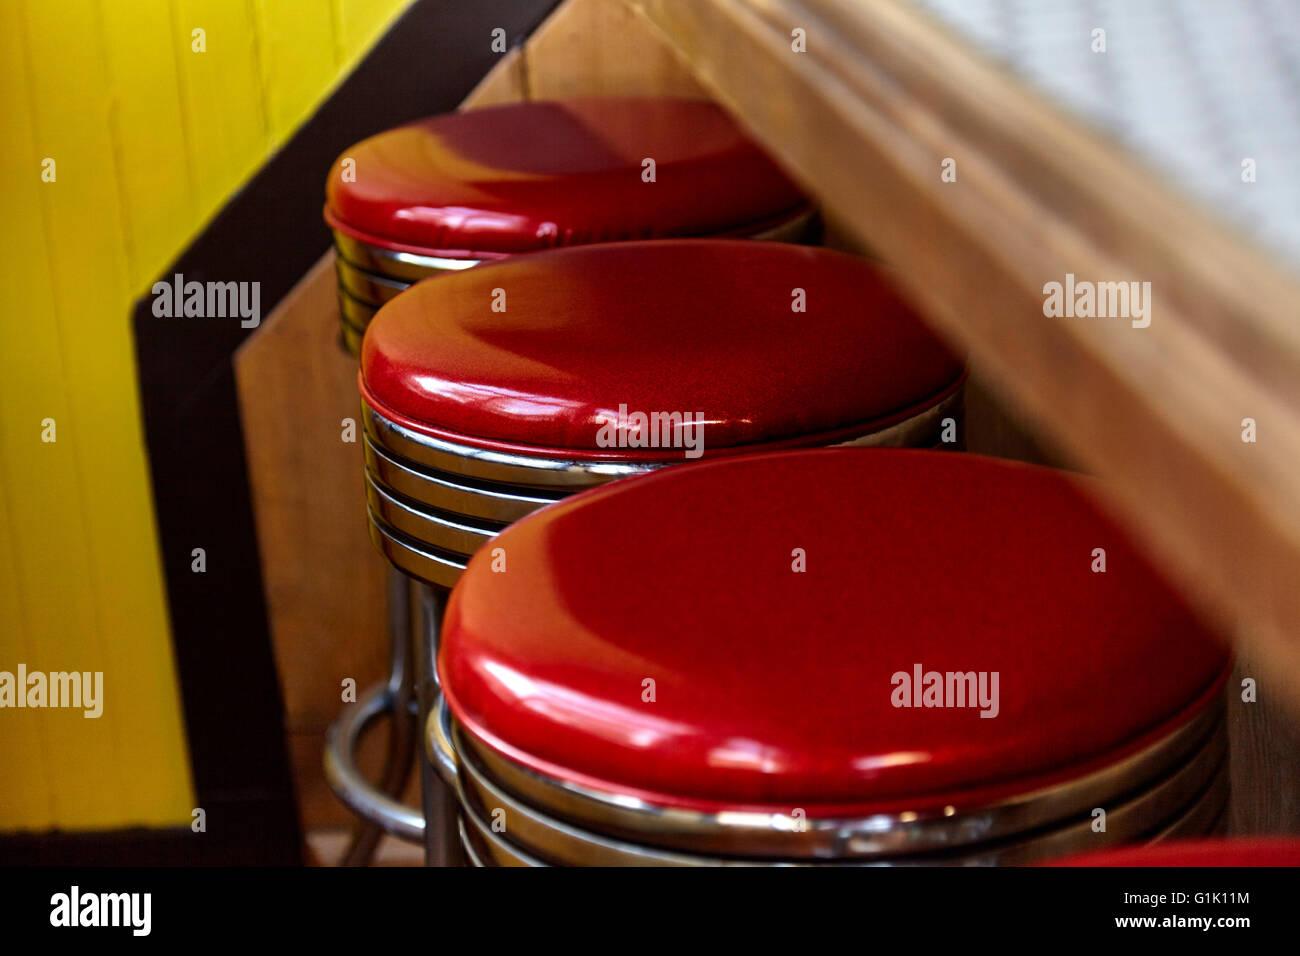 Retro Pub Interior Stock Photos Amp Retro Pub Interior Stock